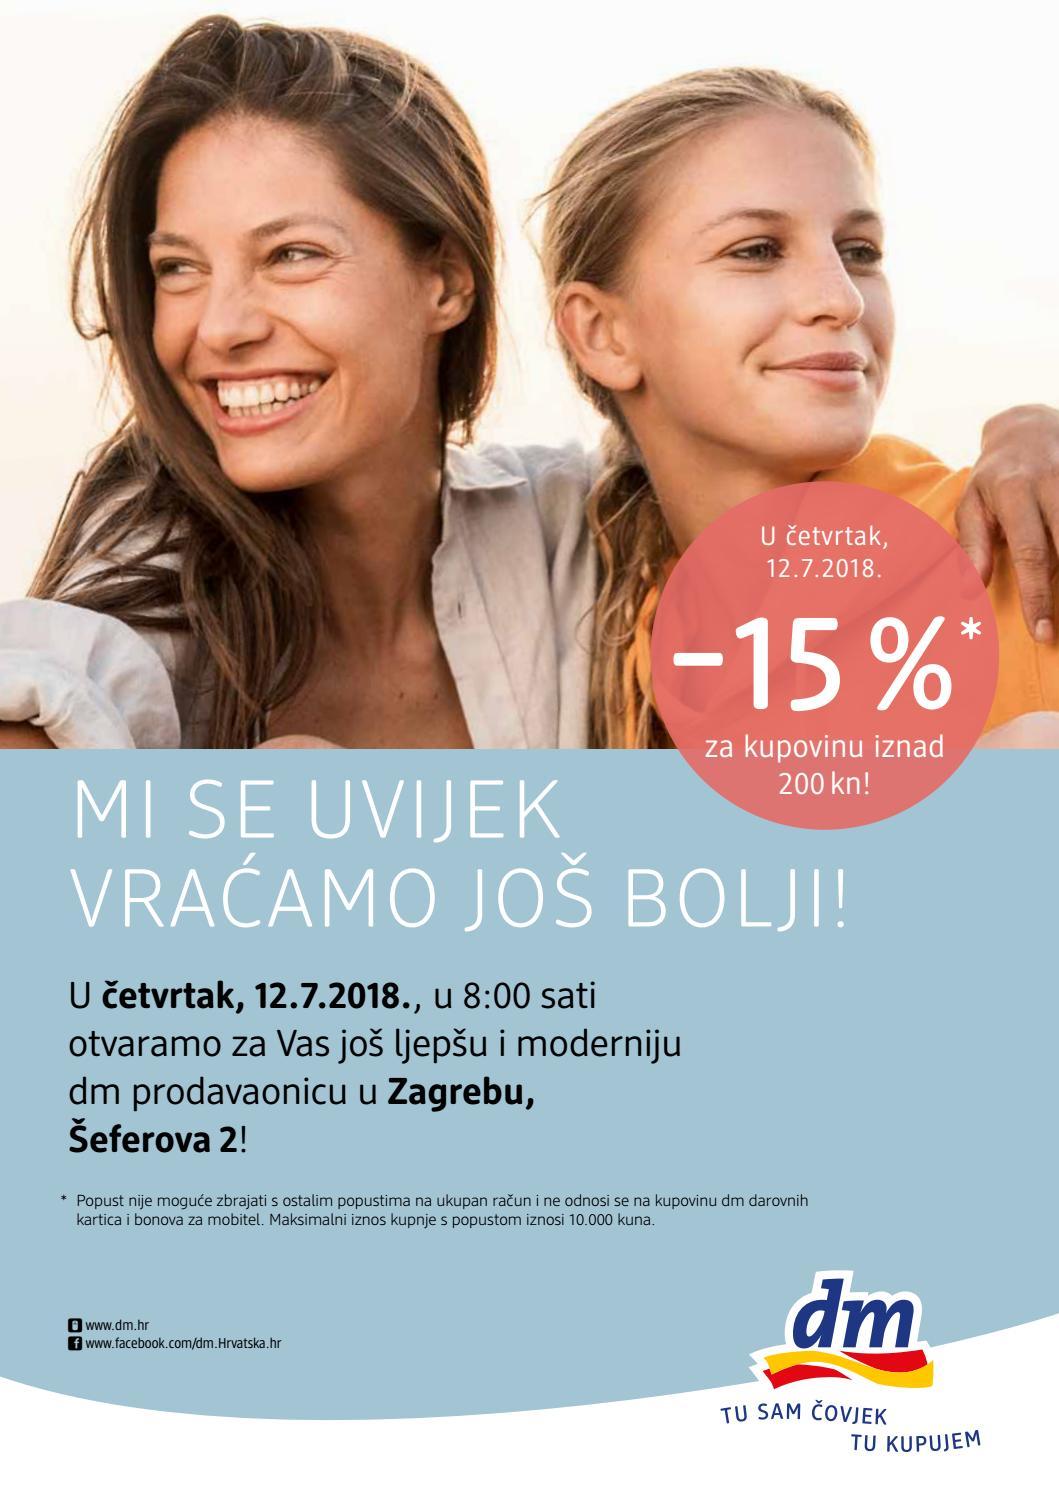 U četvrtak, 12.7.2018., u 8:00 sati otvaramo za Vas još ljepšu i moderniju dm prodavaonicu u Zagrebu, Šeferova 2!